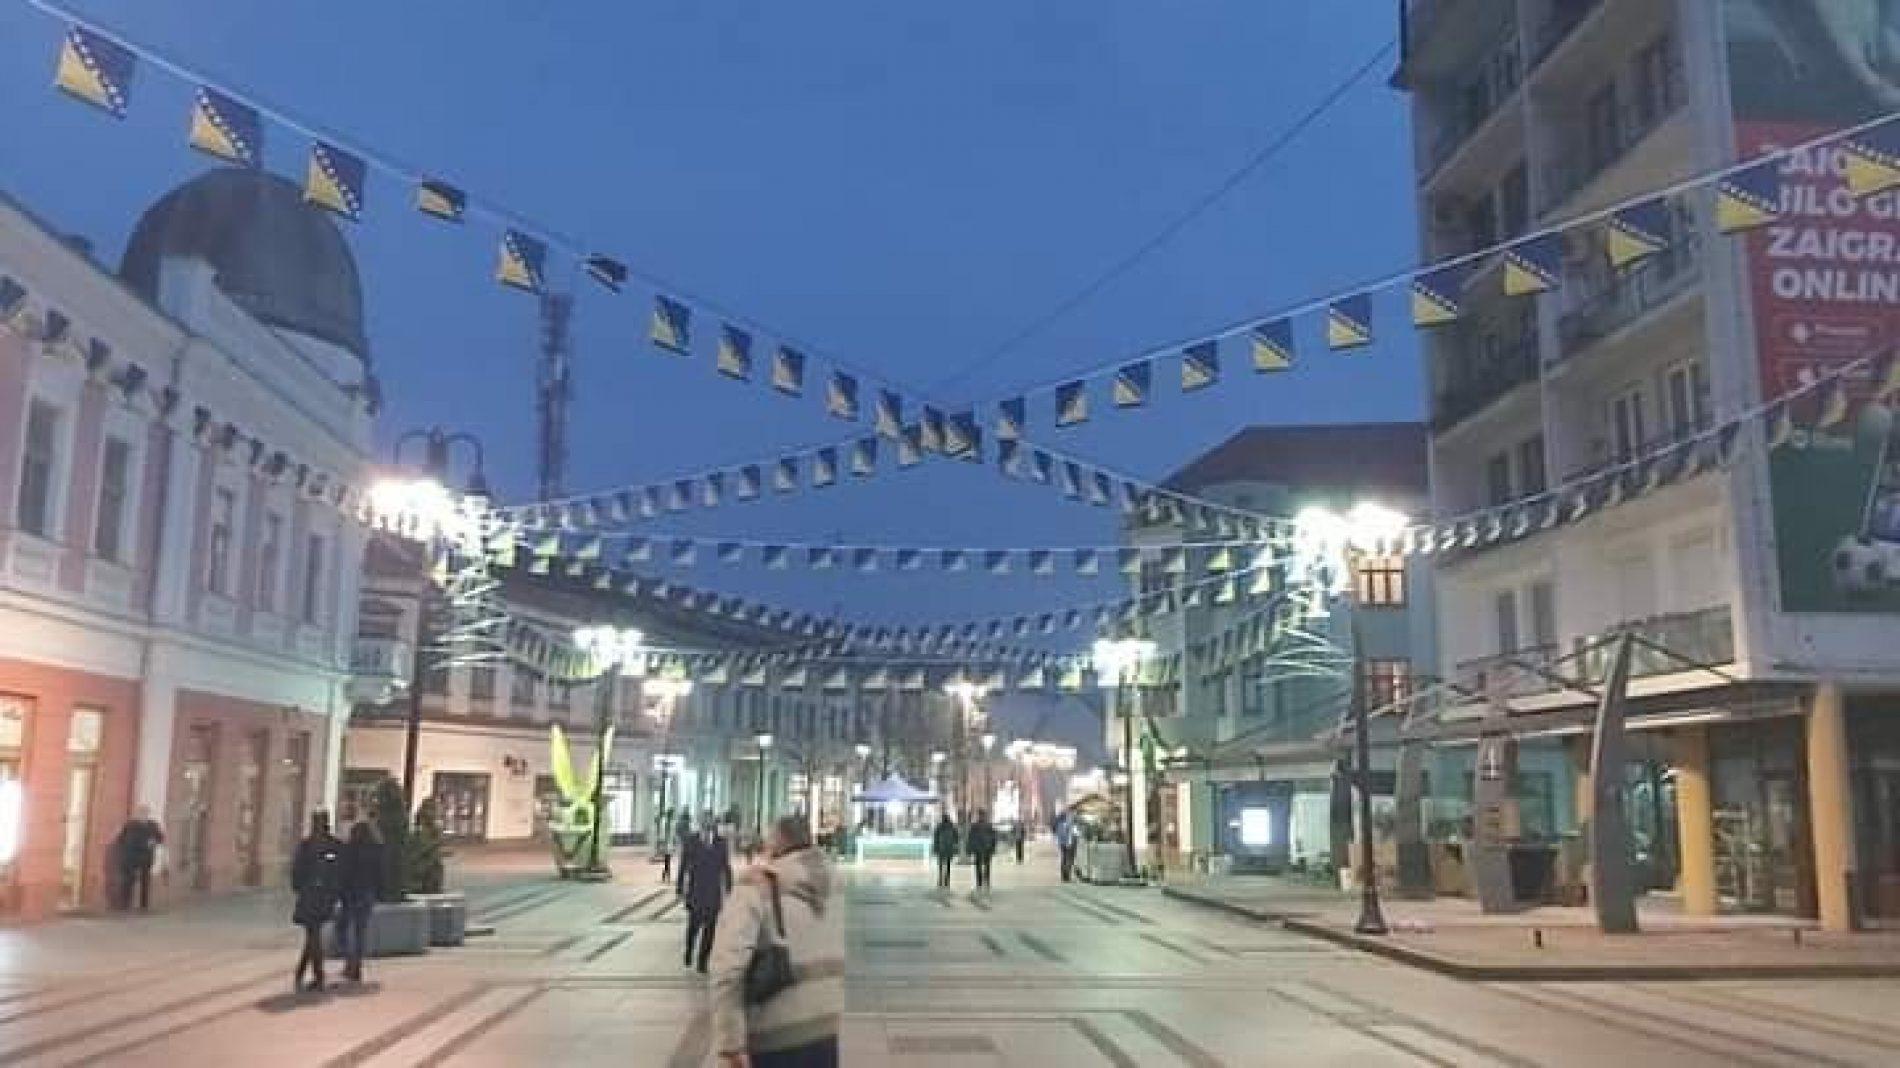 Hiljadu zastava Bosne i Hercegovine u Brčkom za sve one koji vole ovu državu